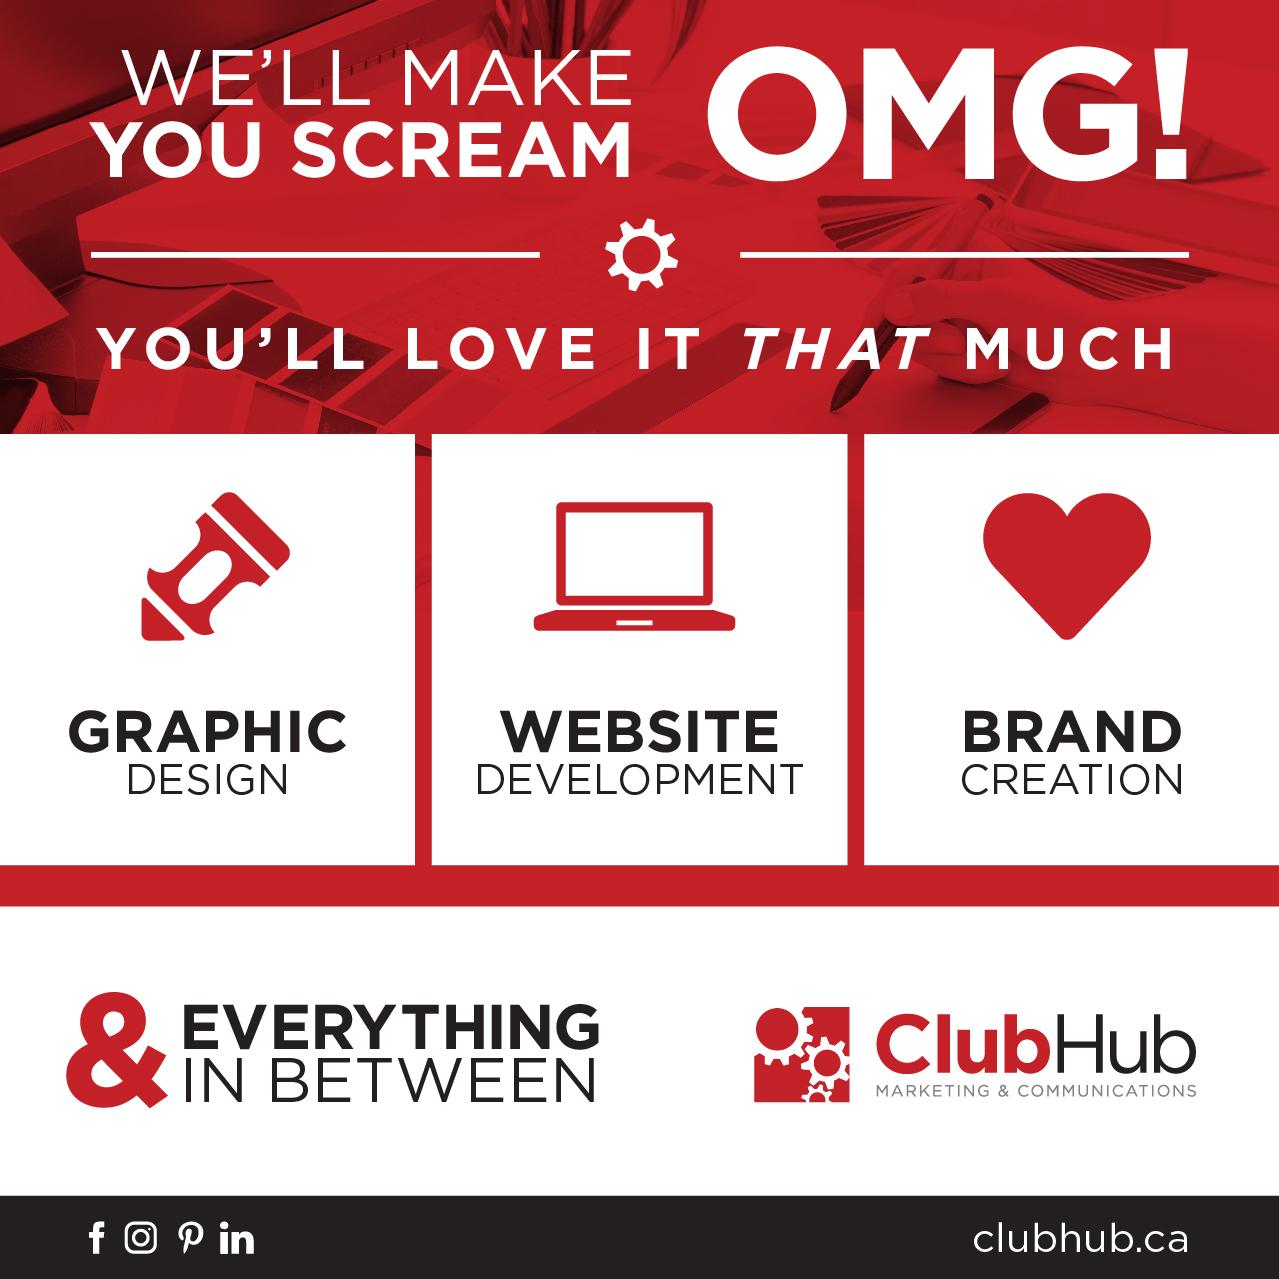 Club Hub Marketing & Communications